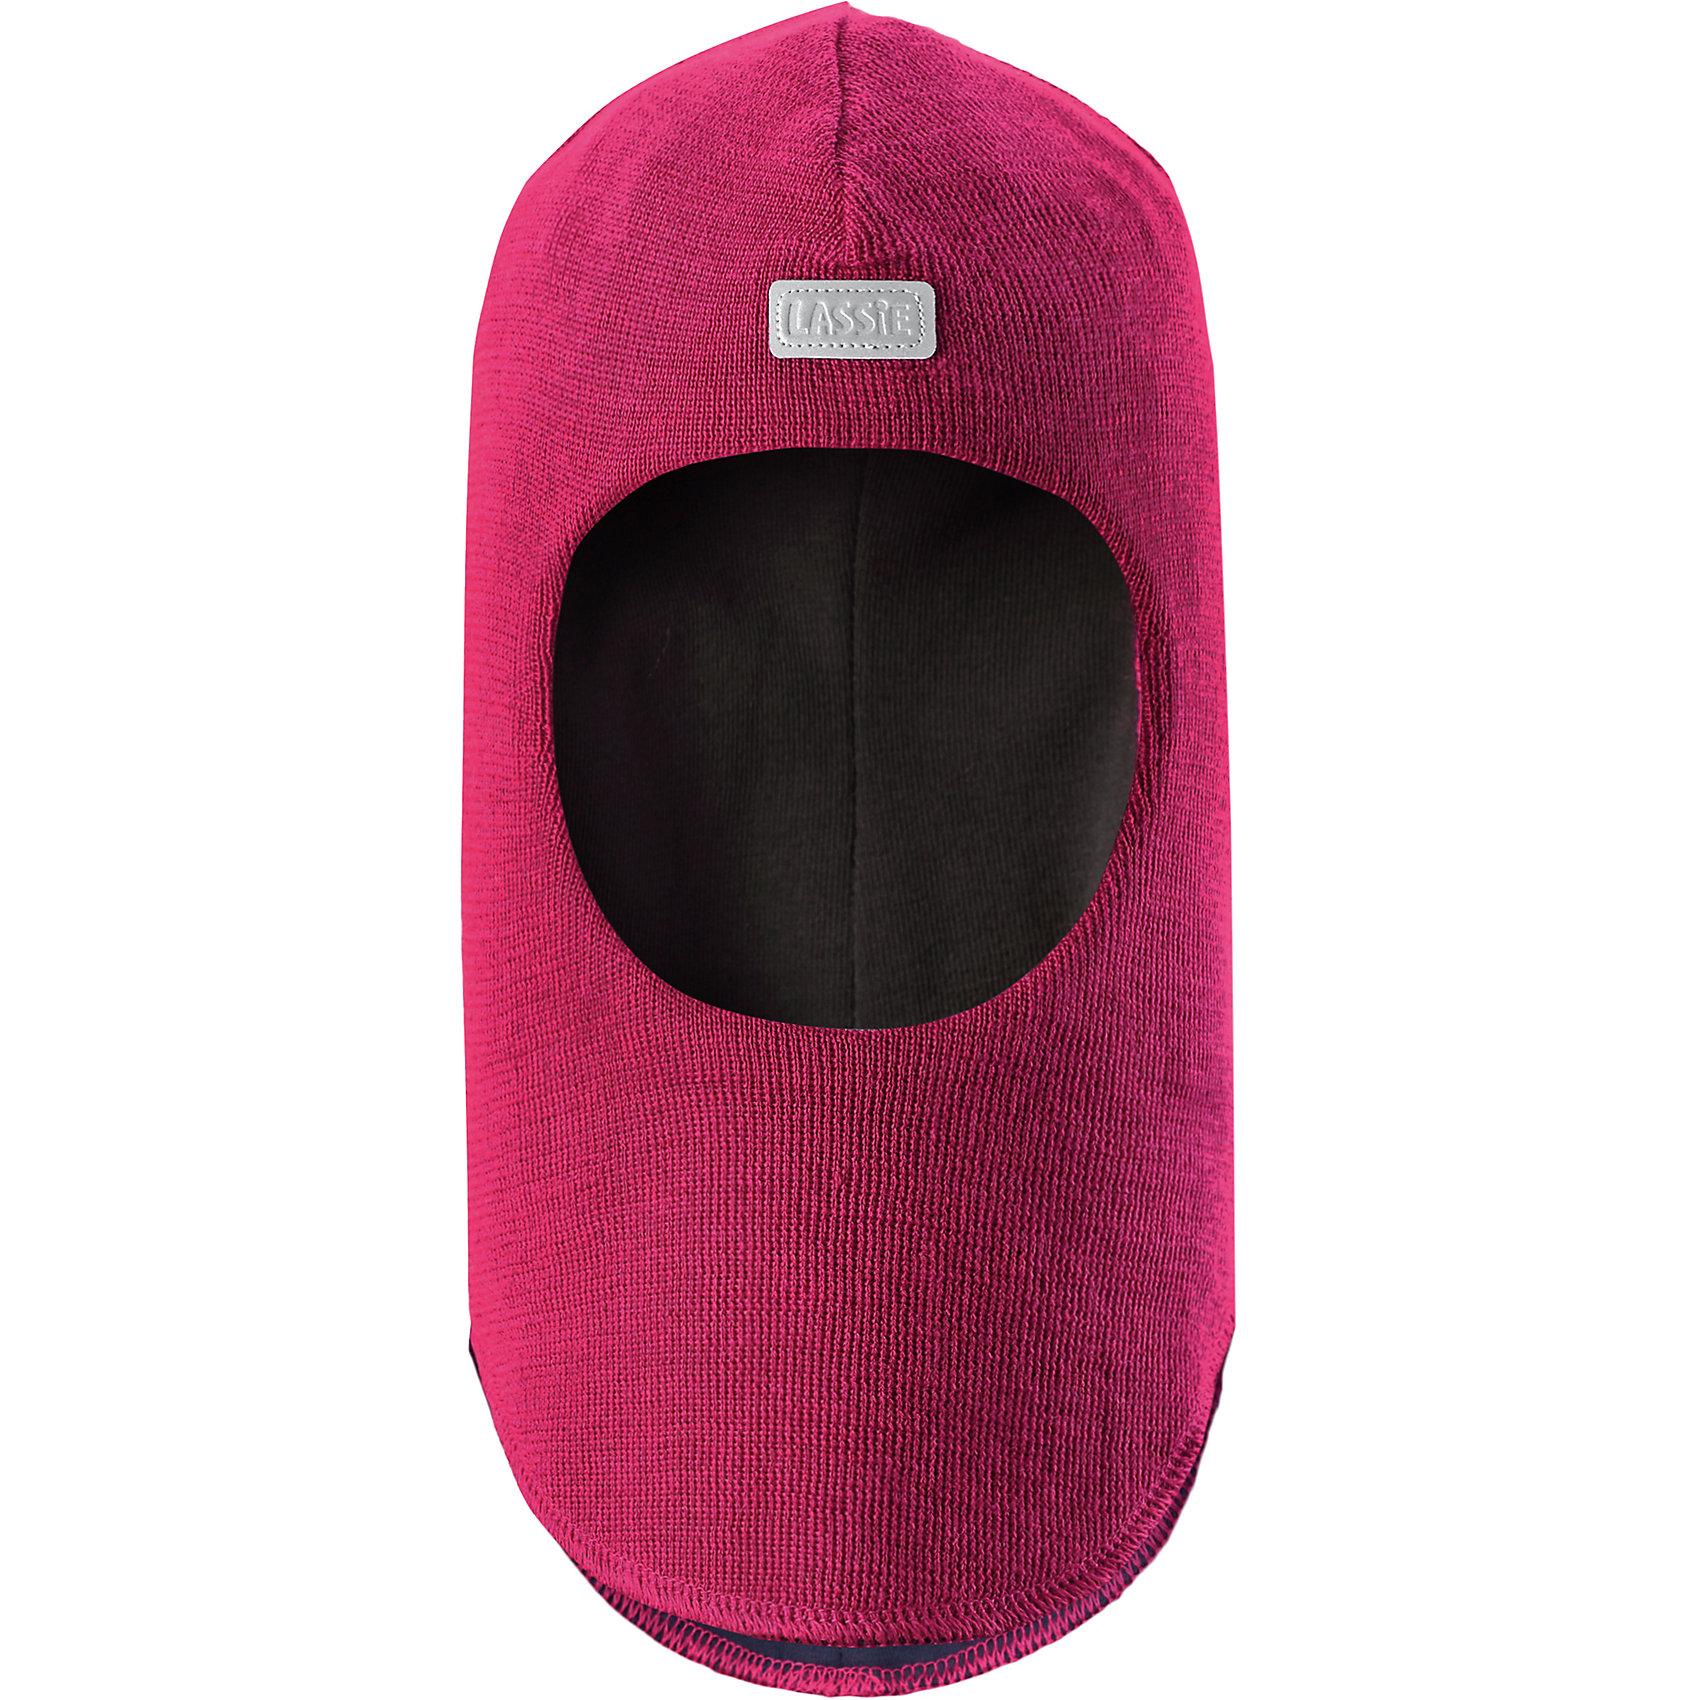 Шапка LASSIEШапки и шарфы<br>Шапка-шлем для малышей известной финской марки.<br><br>- Мягкая и теплая ткань из смеси шерсти.<br>- Ветронепроницаемые вставки в области ушей.<br>- Мягкая подкладка из хлопка и эластана. <br>- Узор из цветных полос. <br>- Светоотражающая эмблема Lassie® спереди.<br><br> Рекомендации по уходу: Придать первоначальную форму вo влажном виде. Возможна усадка 5 %.<br><br>Состав: 50% Шерсть, 50% полиакрил.<br><br>Ширина мм: 89<br>Глубина мм: 117<br>Высота мм: 44<br>Вес г: 155<br>Цвет: малиновый<br>Возраст от месяцев: 6<br>Возраст до месяцев: 12<br>Пол: Женский<br>Возраст: Детский<br>Размер: 44-46,54-56,50-52,46-48<br>SKU: 4781014